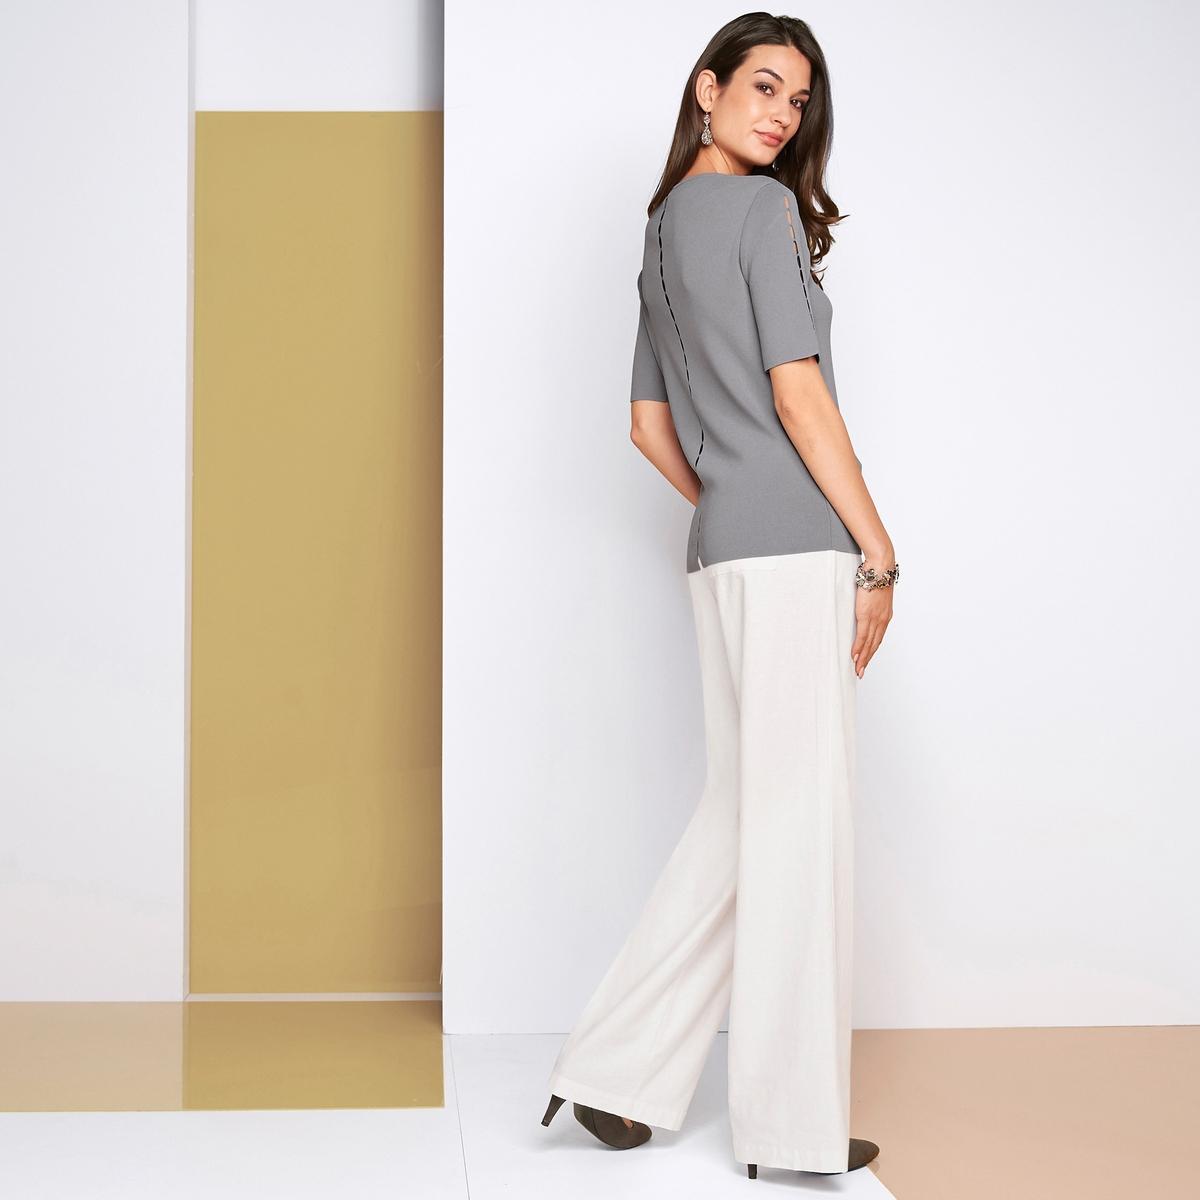 Imagen secundaria de producto de Jersey con cuello de pico y fino punto fantasía - Anne weyburn